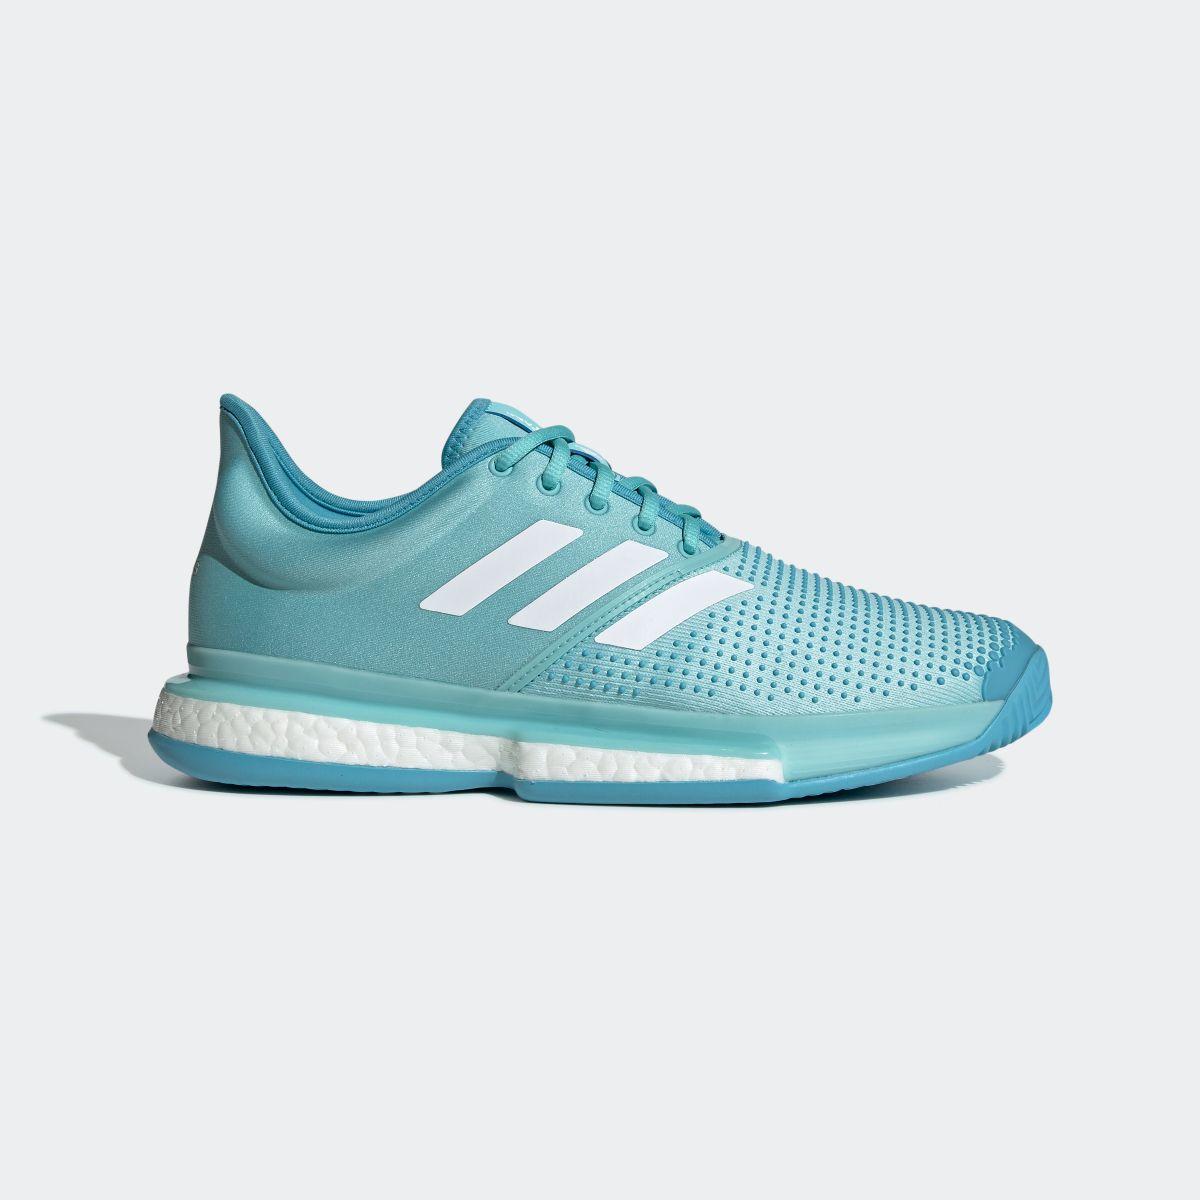 【公式】アディダス adidas ソールコート マルチコート メンズ テニス シューズ スポーツシューズ CG6339